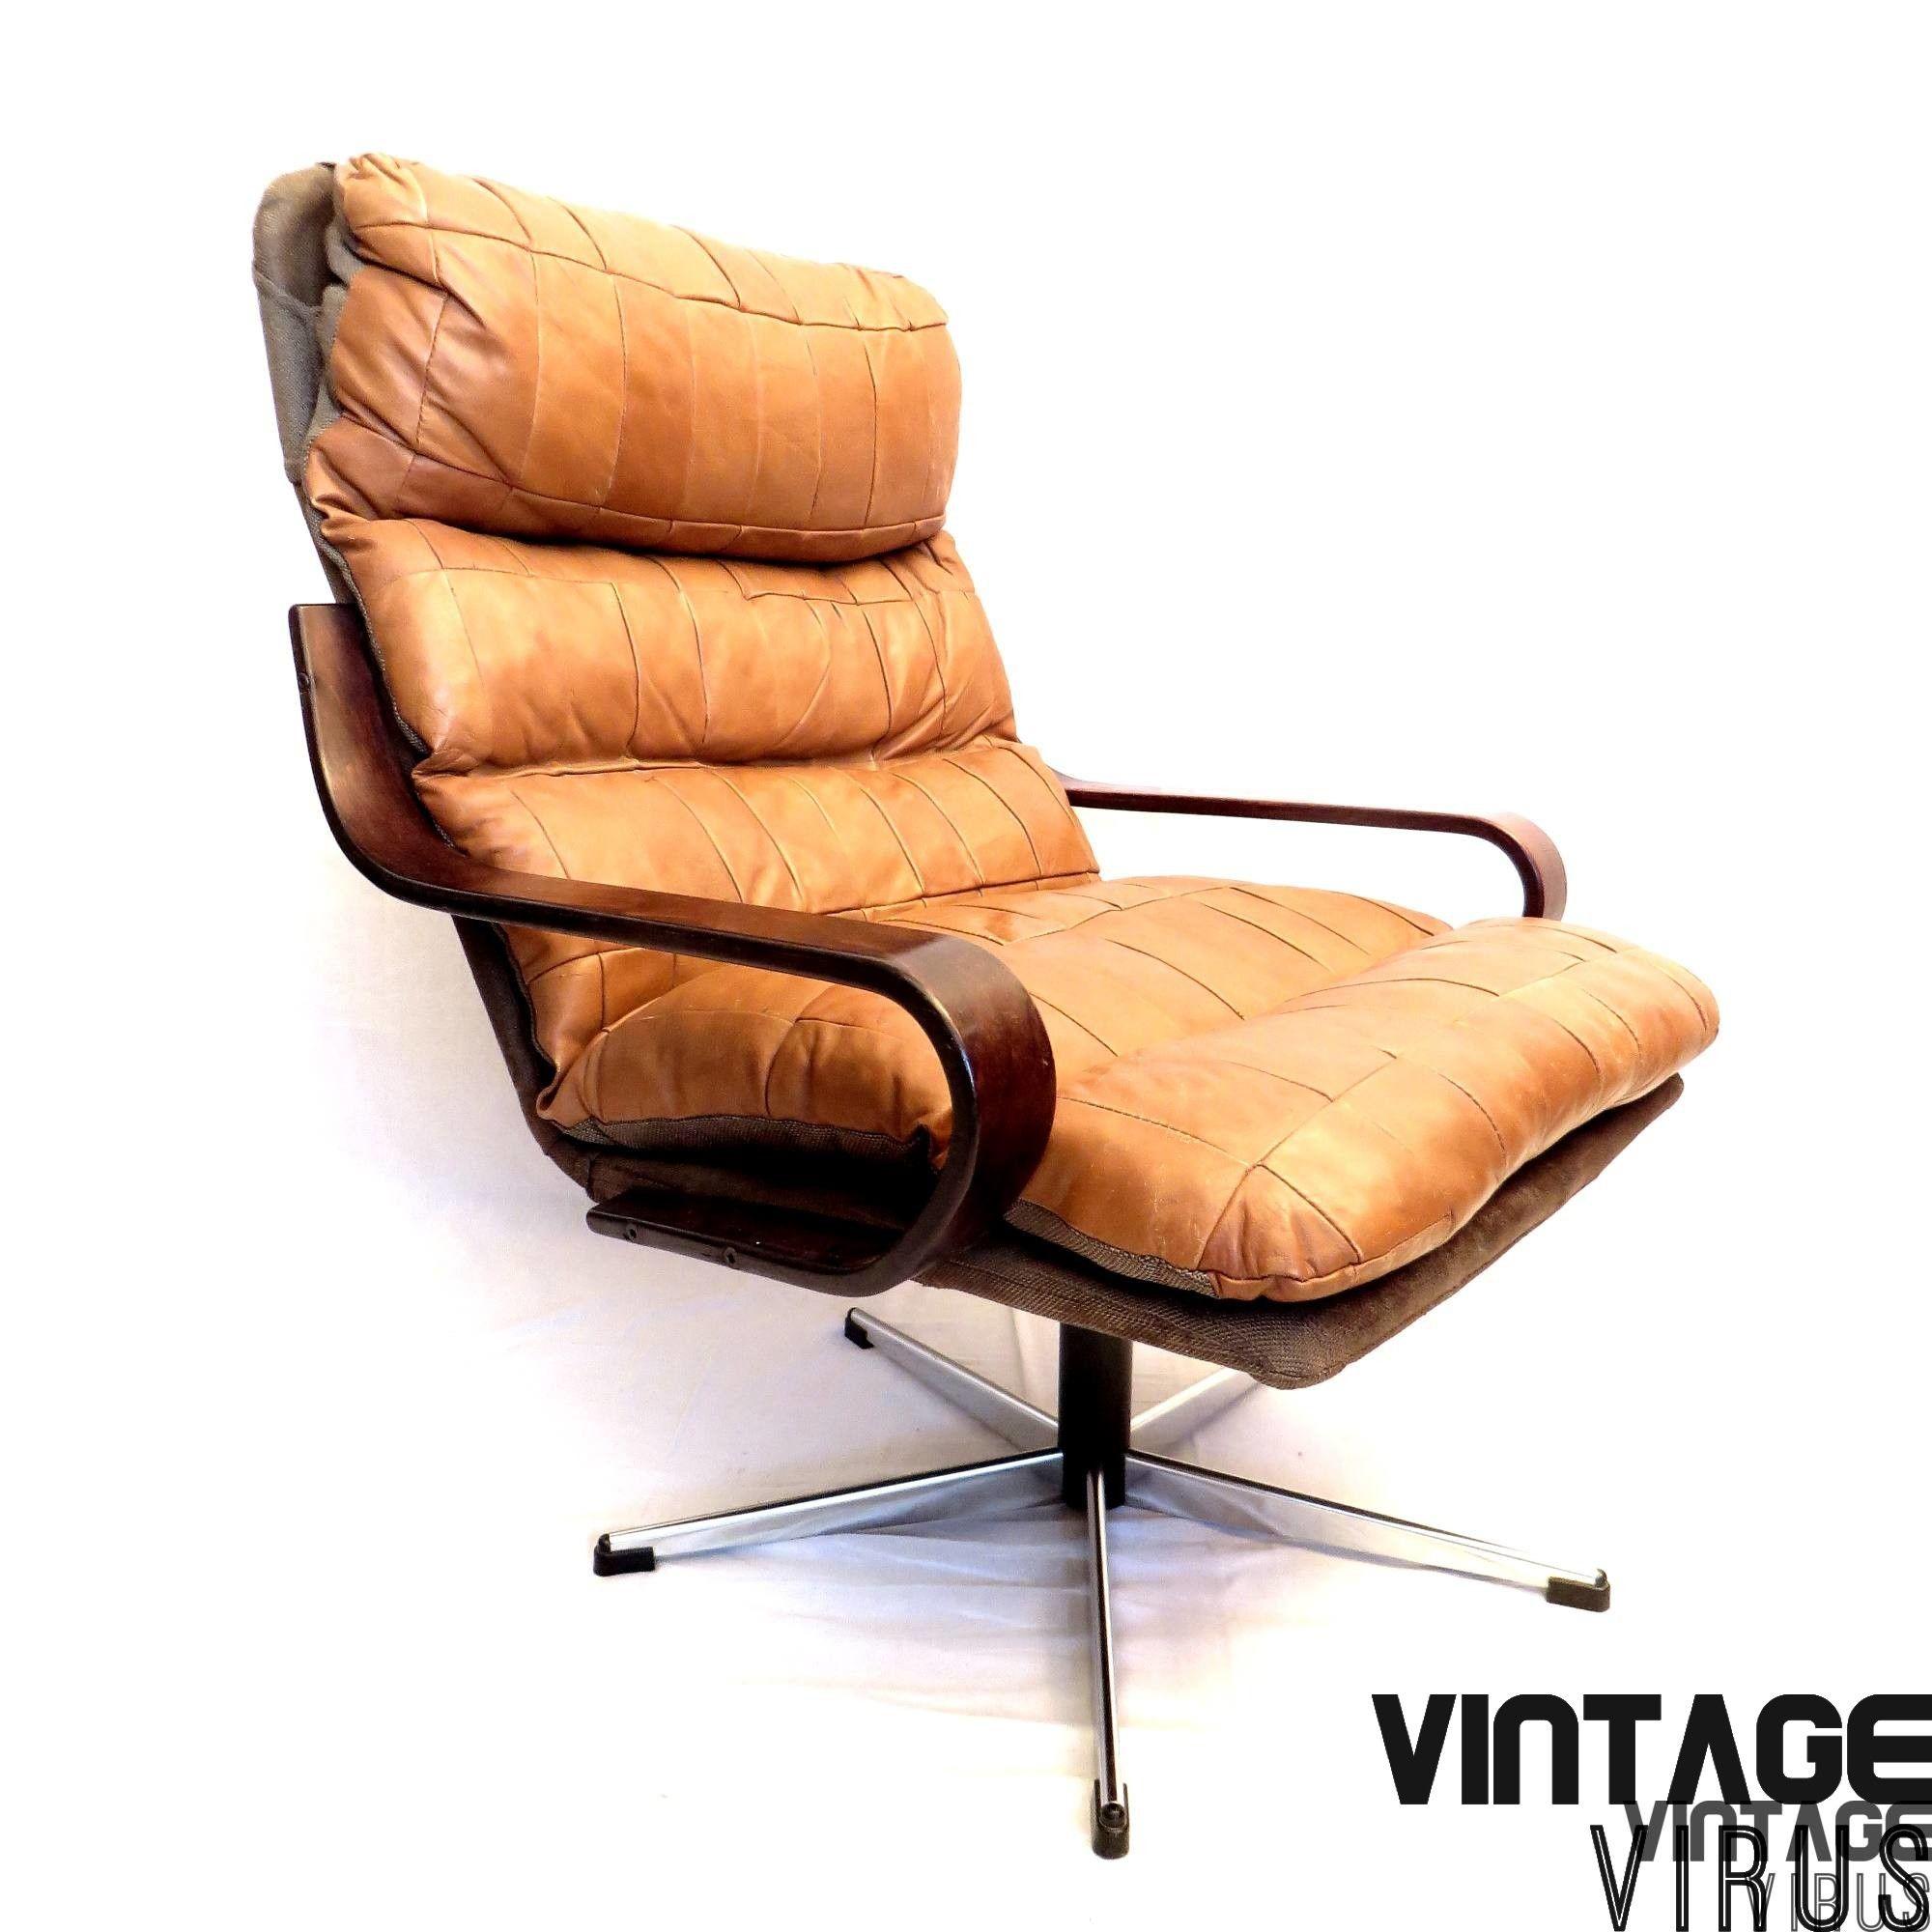 Leren Fauteuil Vintage.Deense Vintage Design Patchwork Cognac Leren Fauteuil Fauteuil